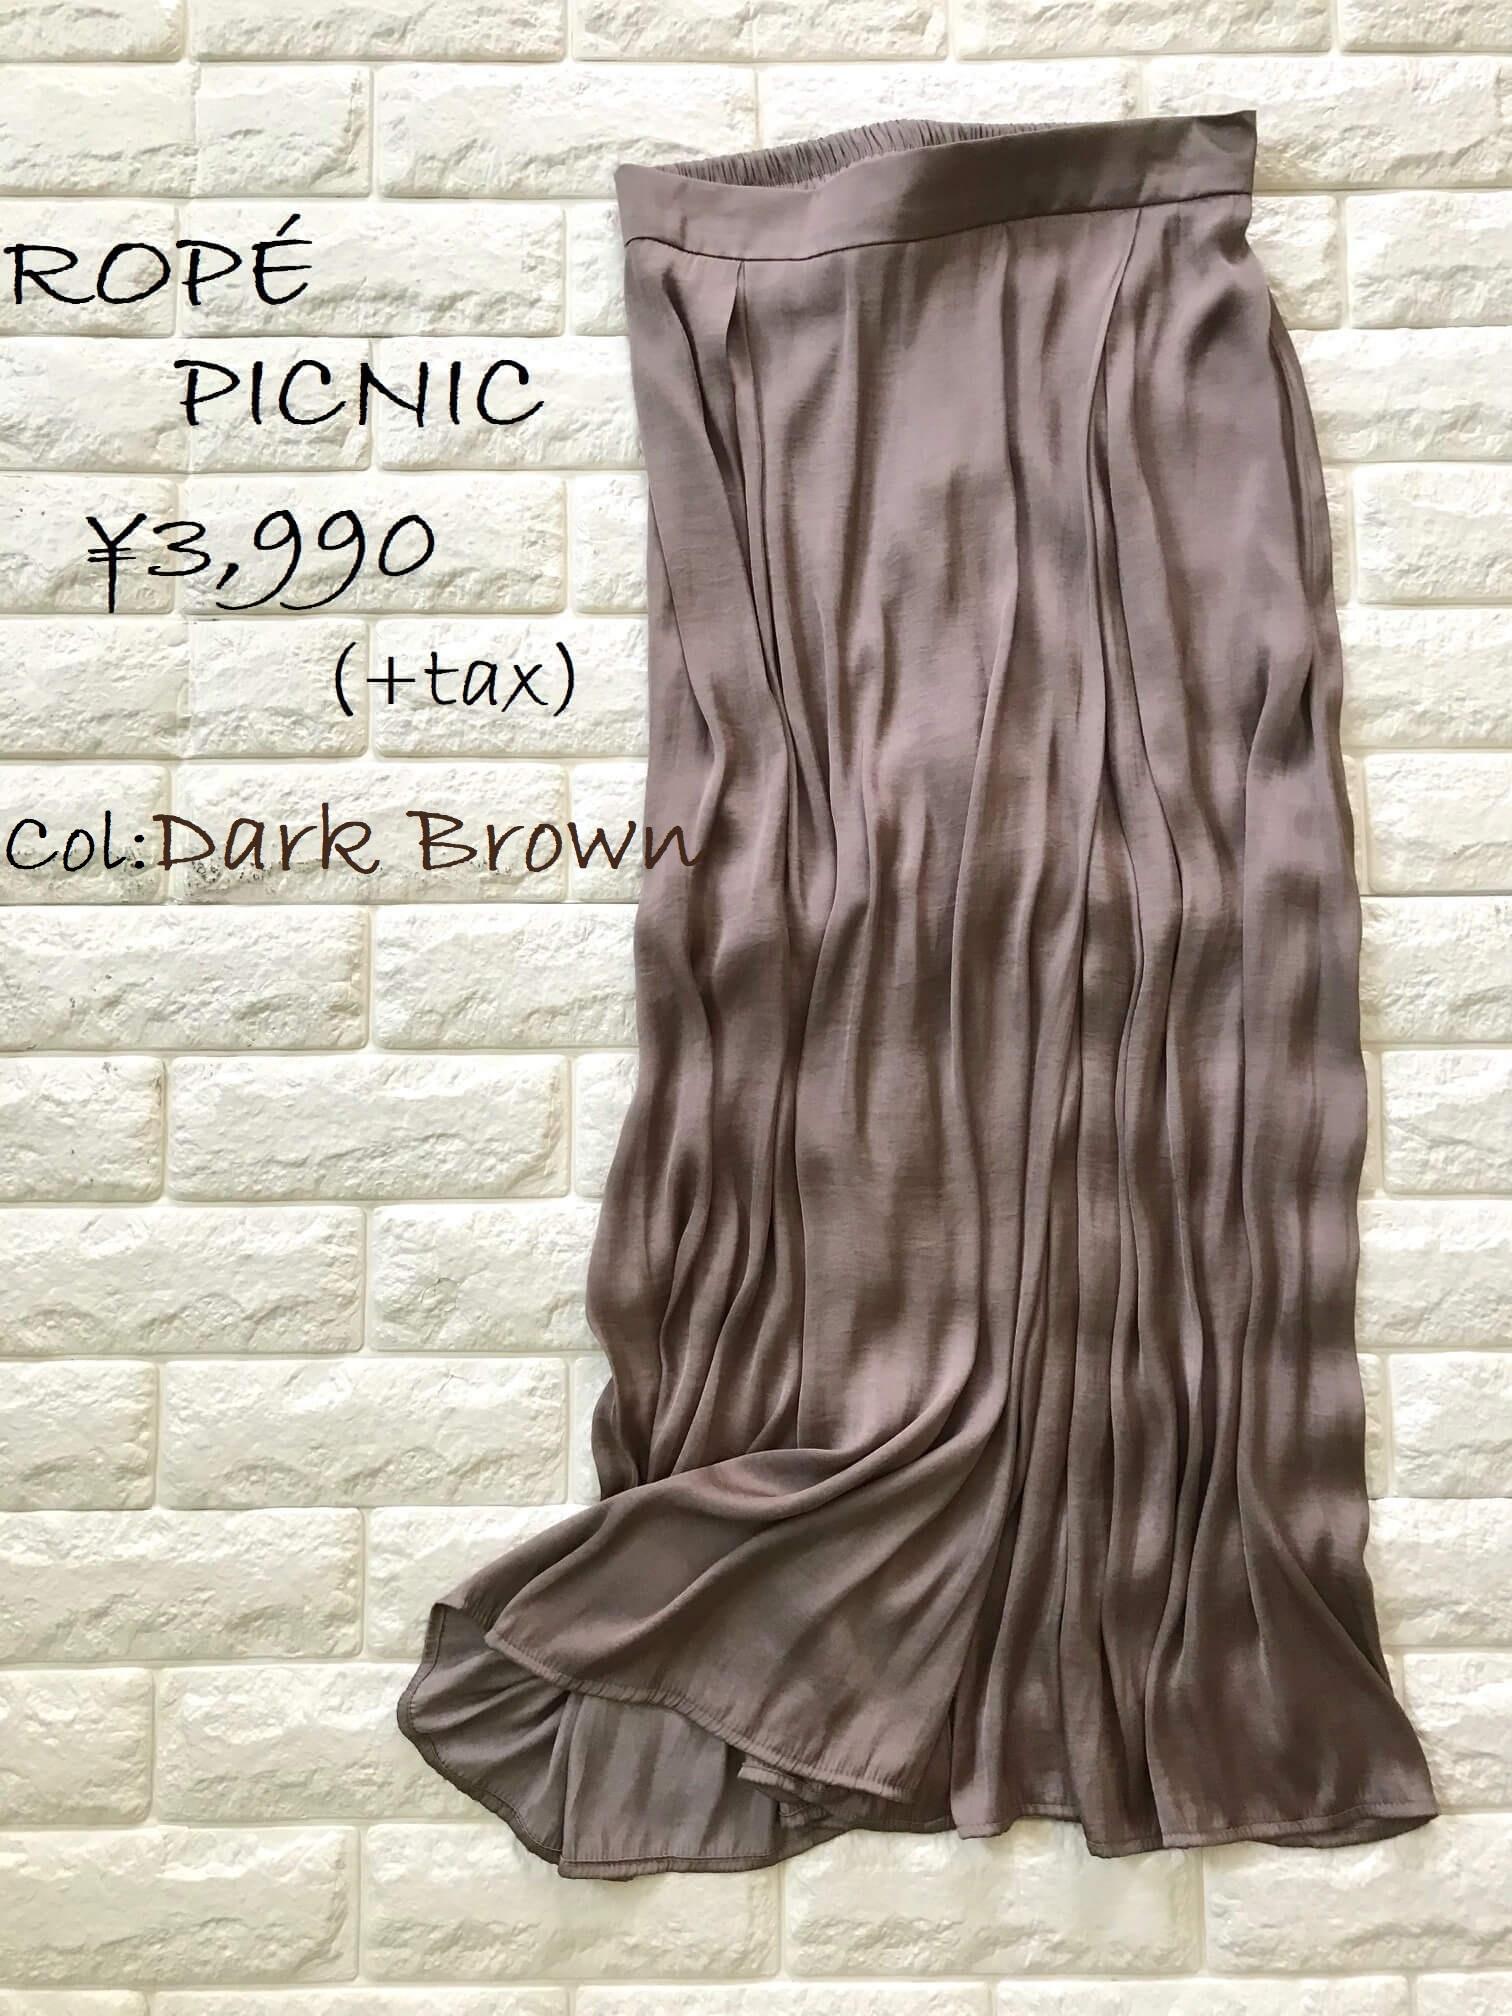 ロペピクニックのスカンツ画像